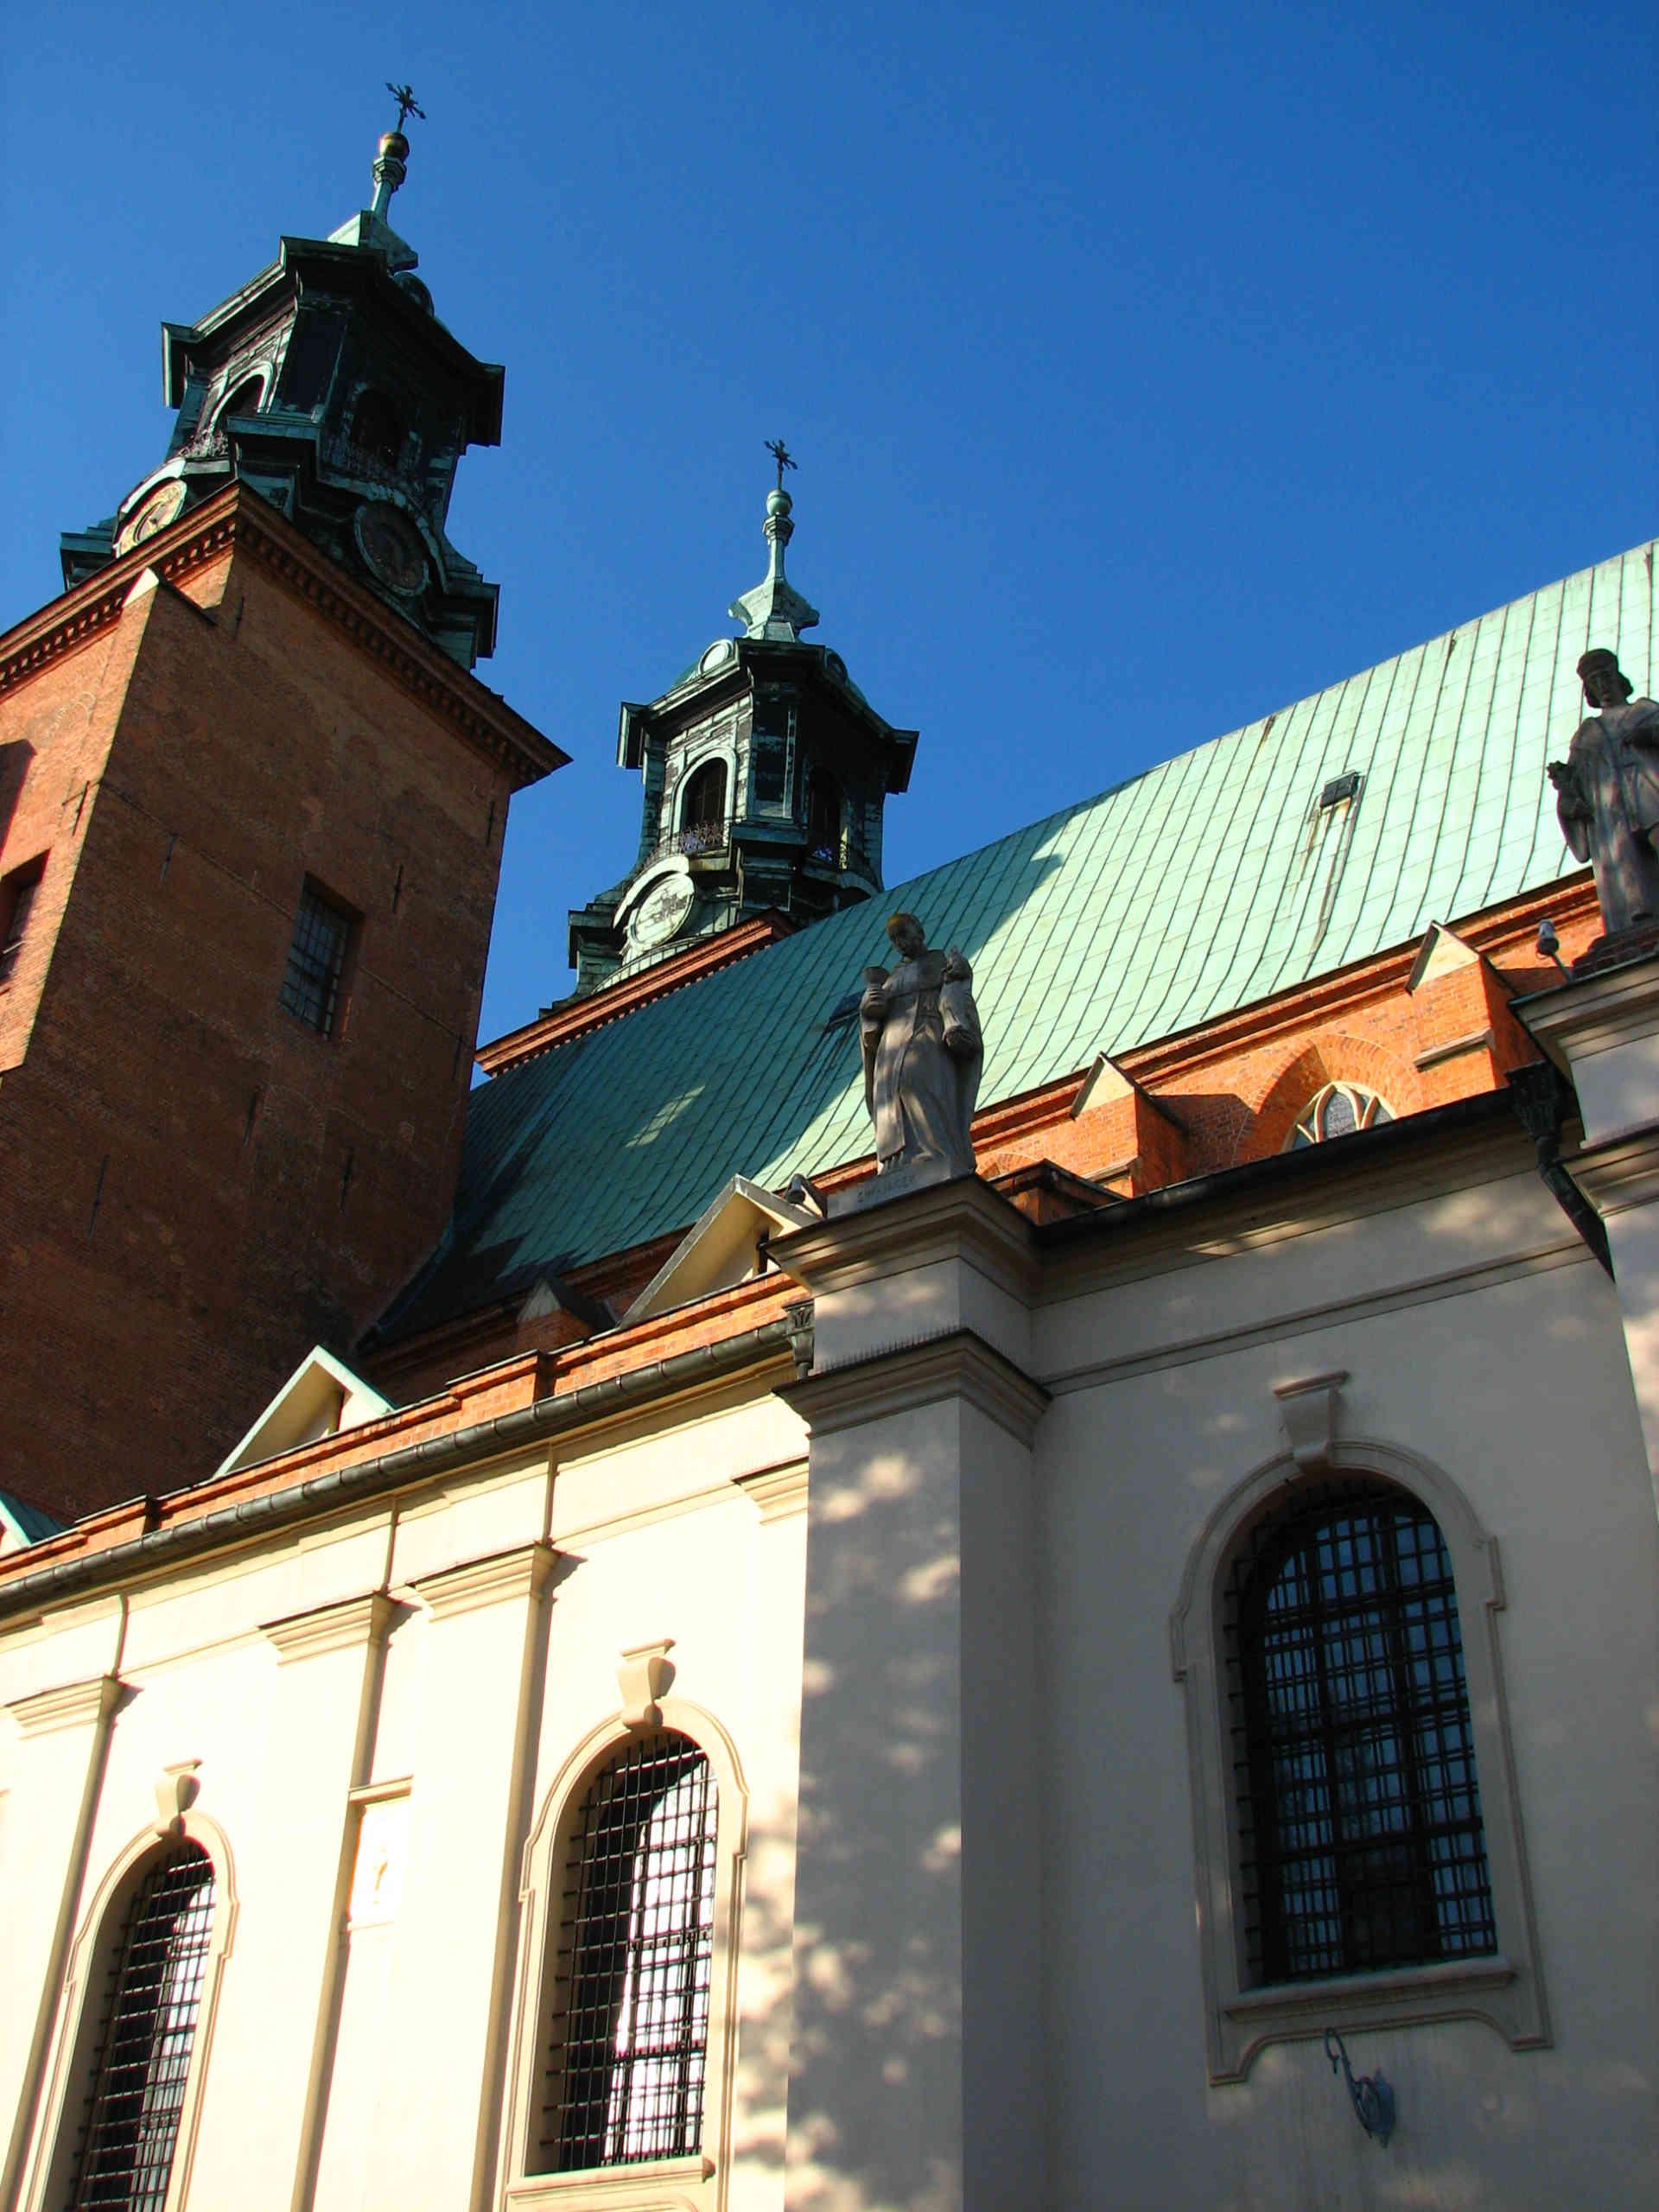 Zu sehen ist die Primas Basilika der Mariä Himmelfahrt in Gnesen, Bild: Ł